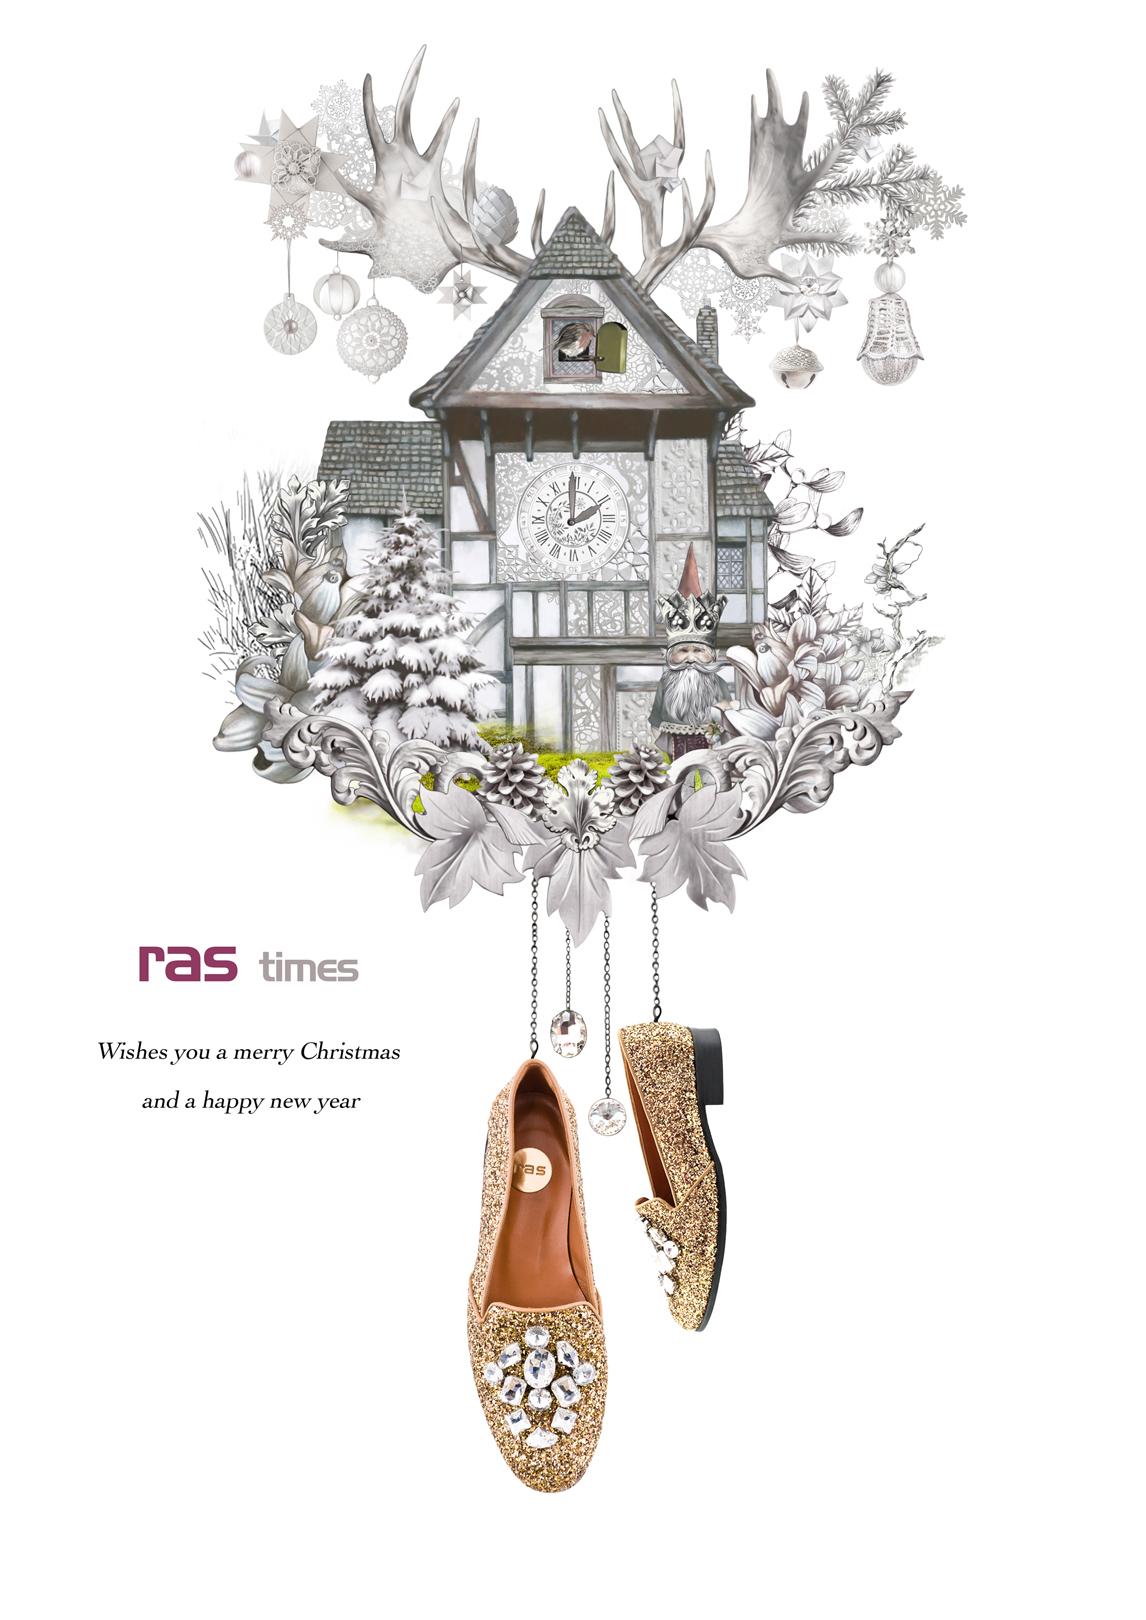 http://thaisgarcias.com/wp-content/uploads/2014/11/ras-shoes-postal-2014-baja.jpg